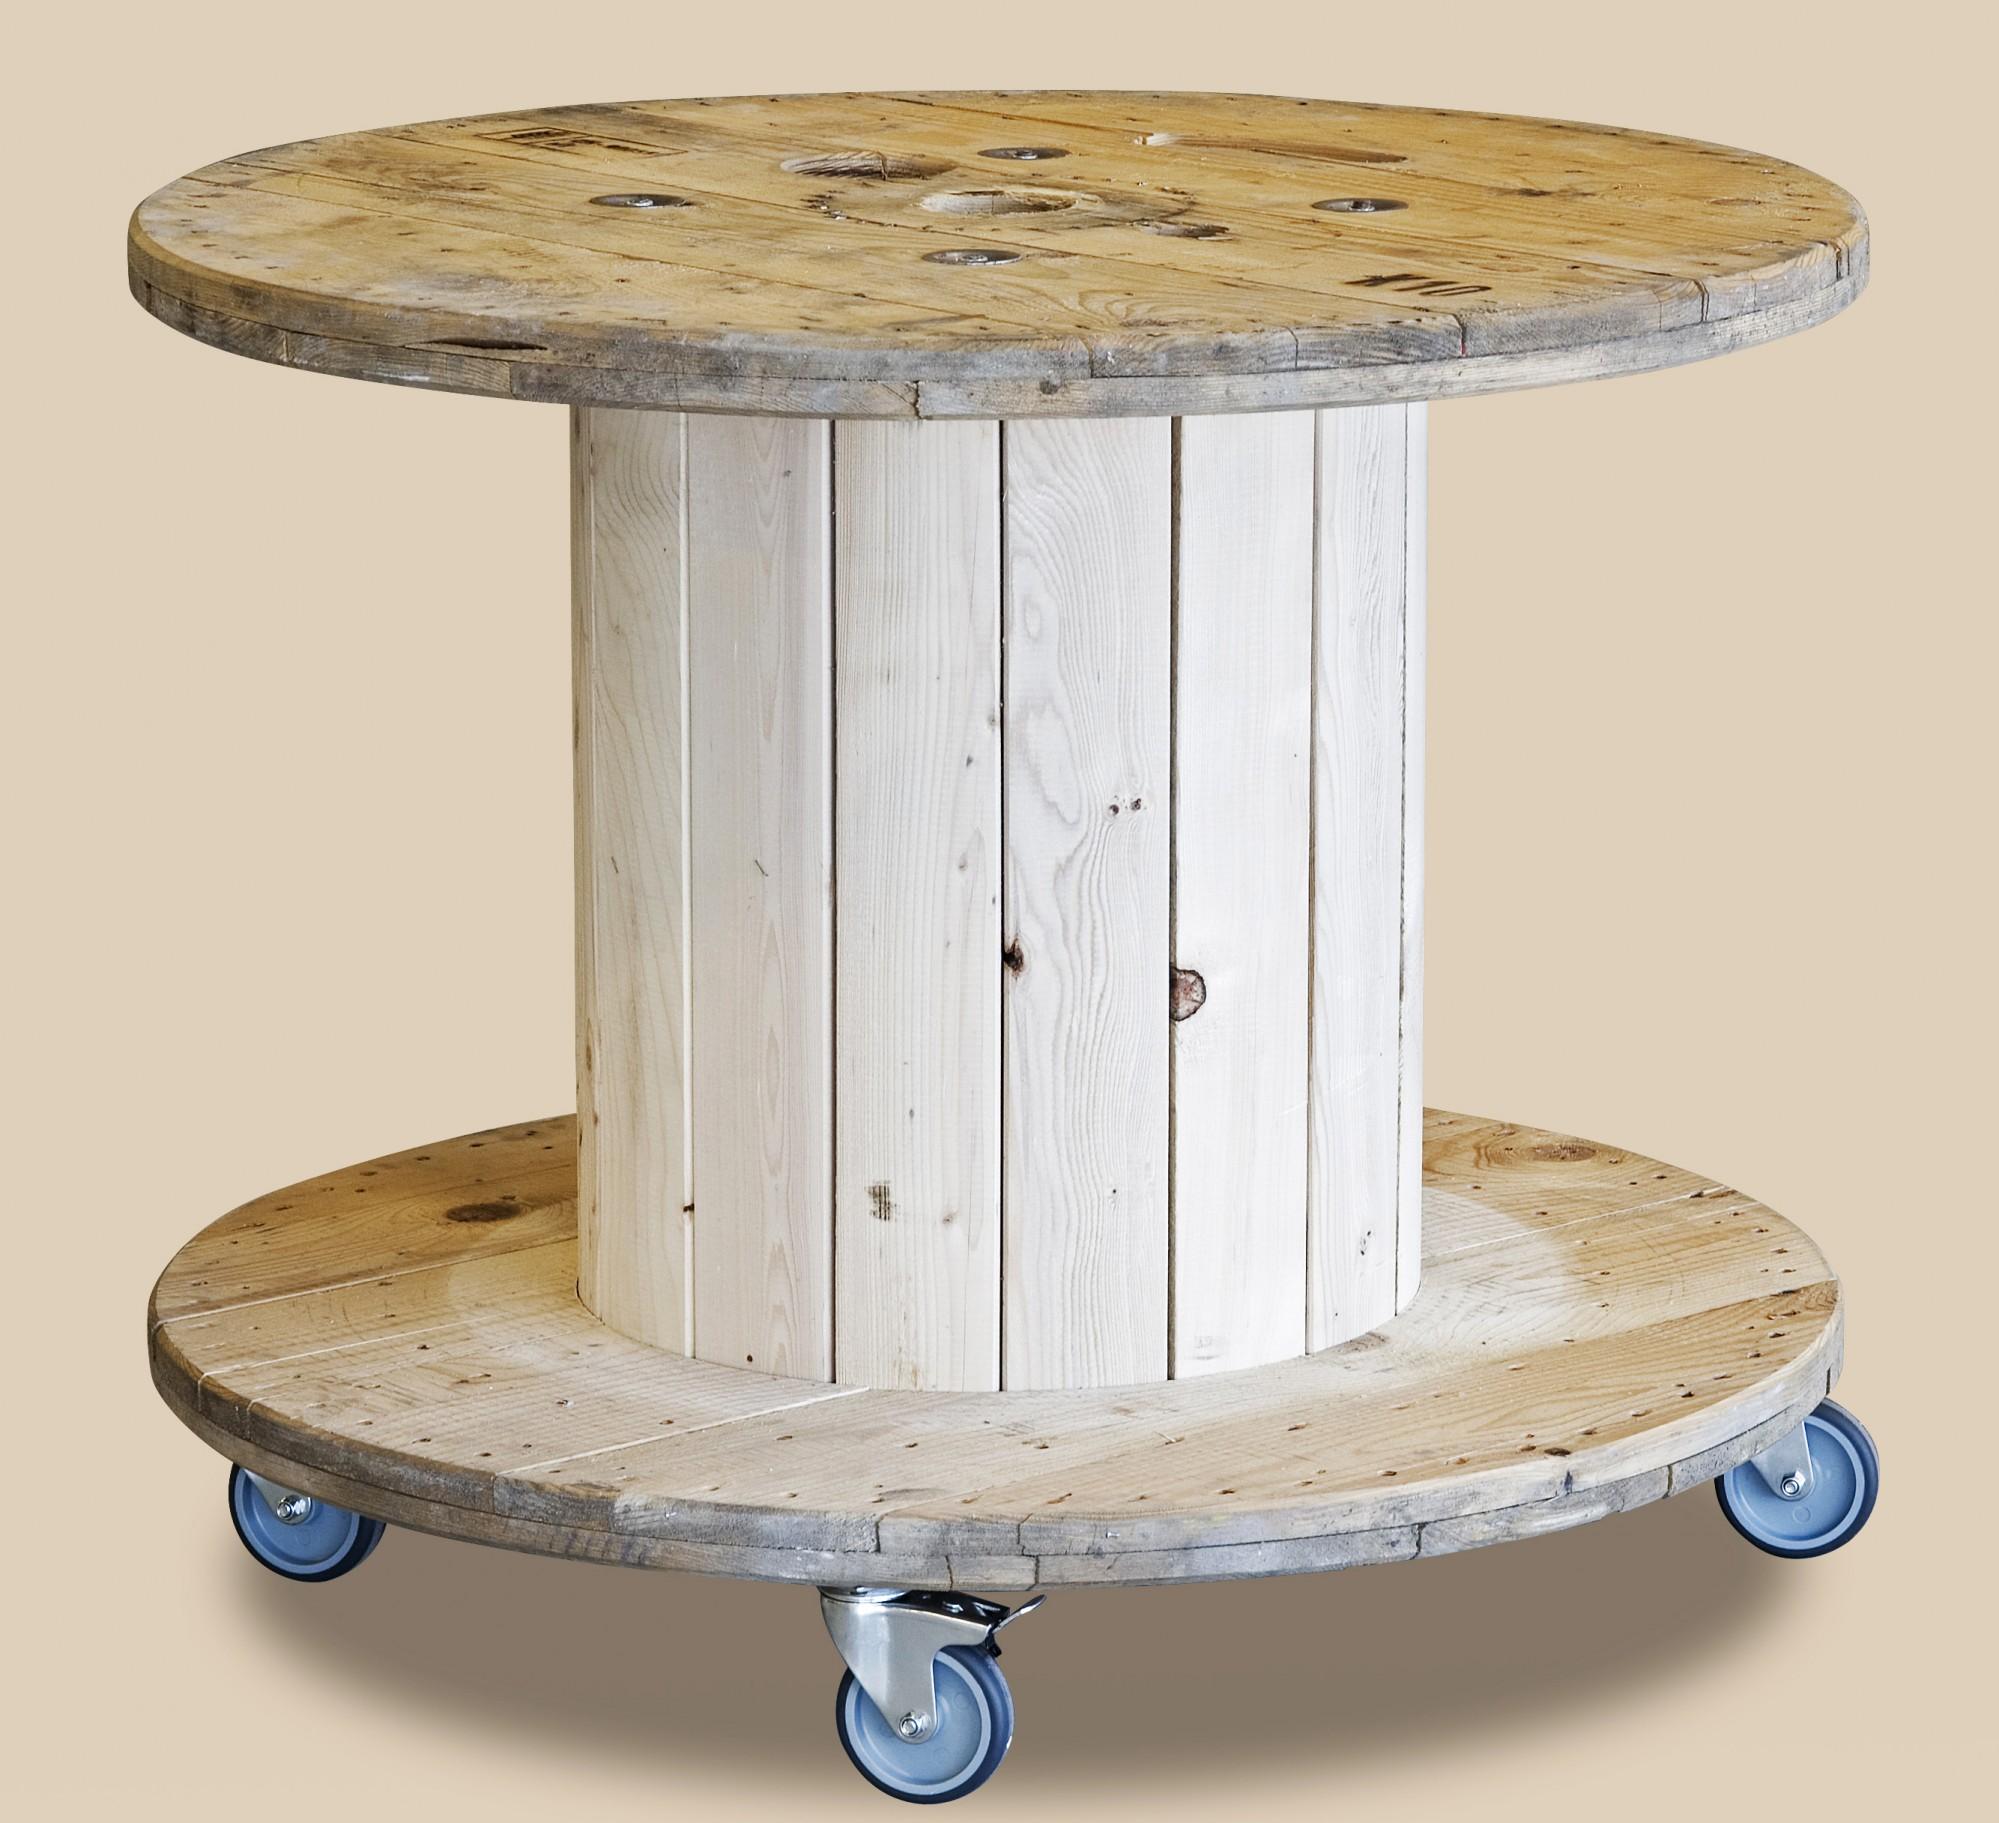 xl beistelltisch rondel 100x75cm rollen kabeltrommel tisch trommel holz braun dafloxx versand. Black Bedroom Furniture Sets. Home Design Ideas